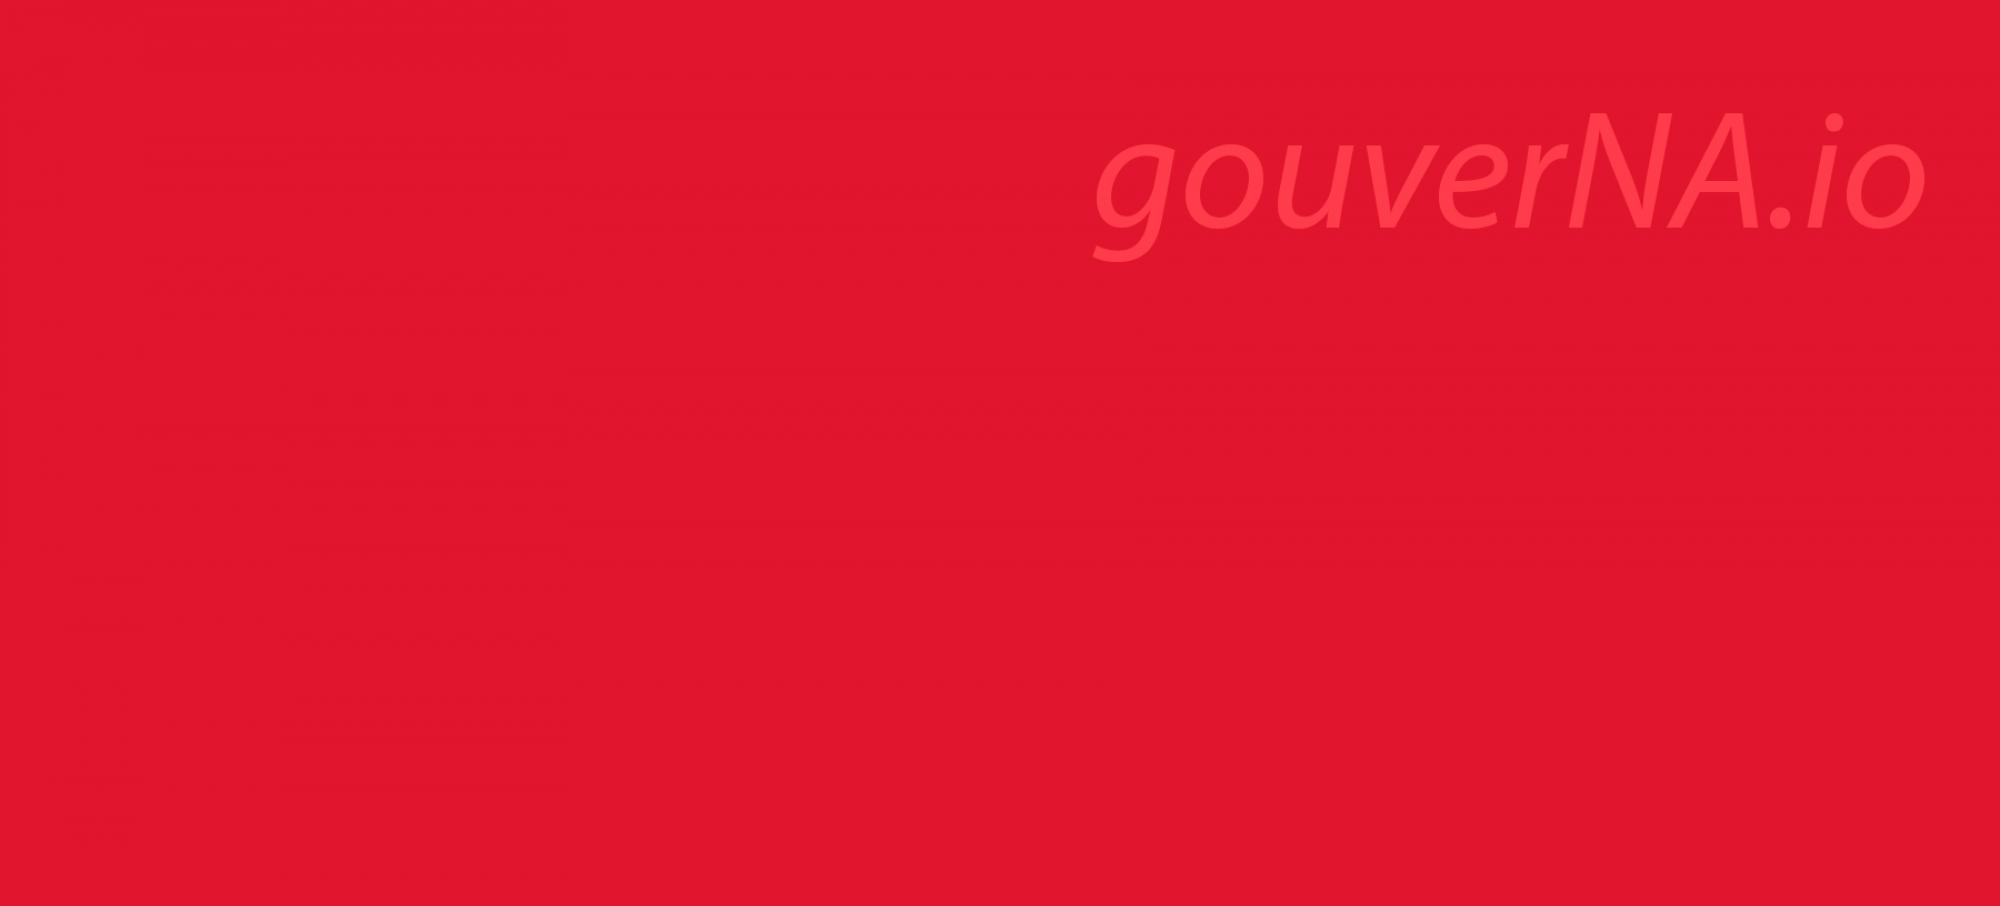 gouverNA.io